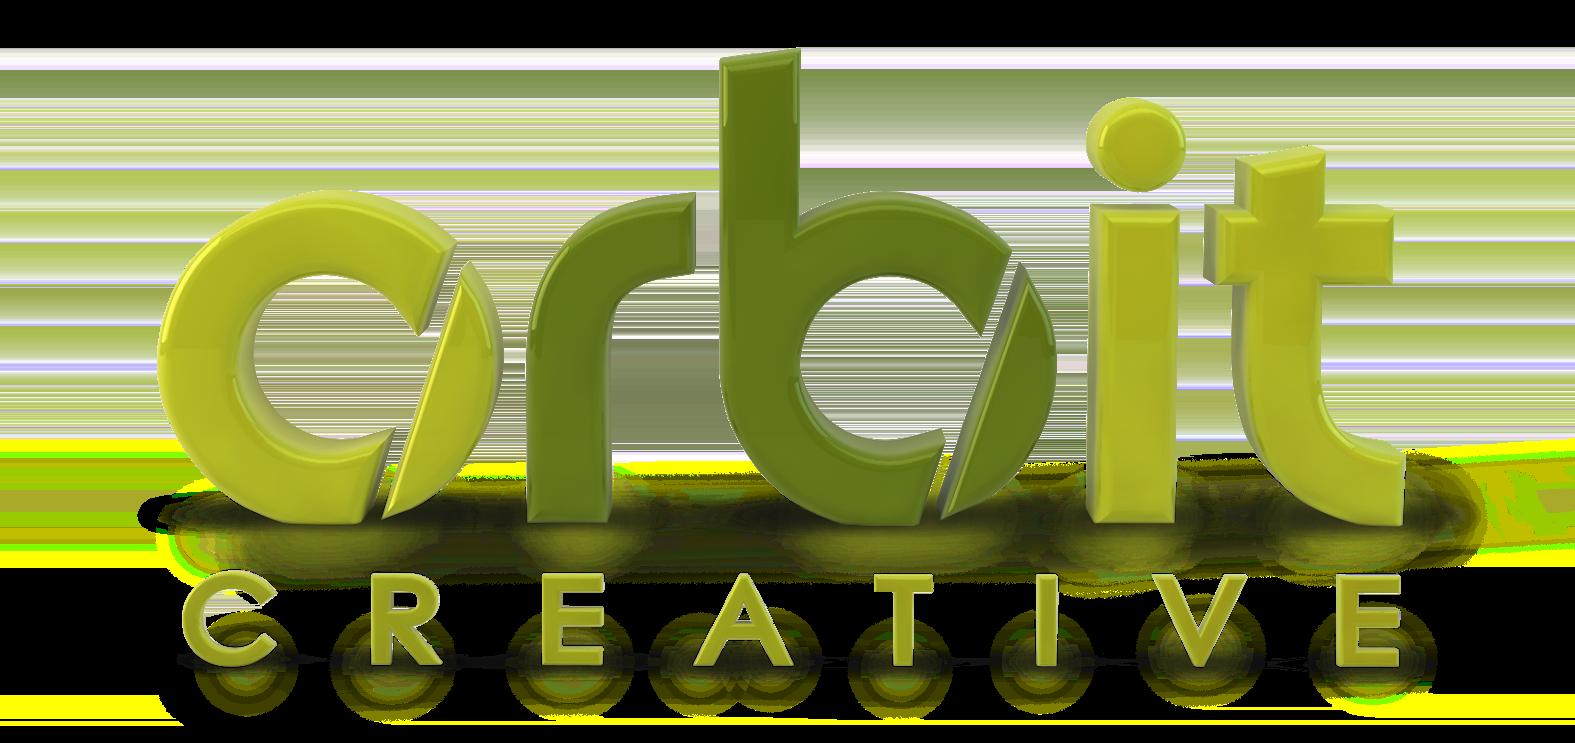 Staffordshire Website Design by Orbit Creative